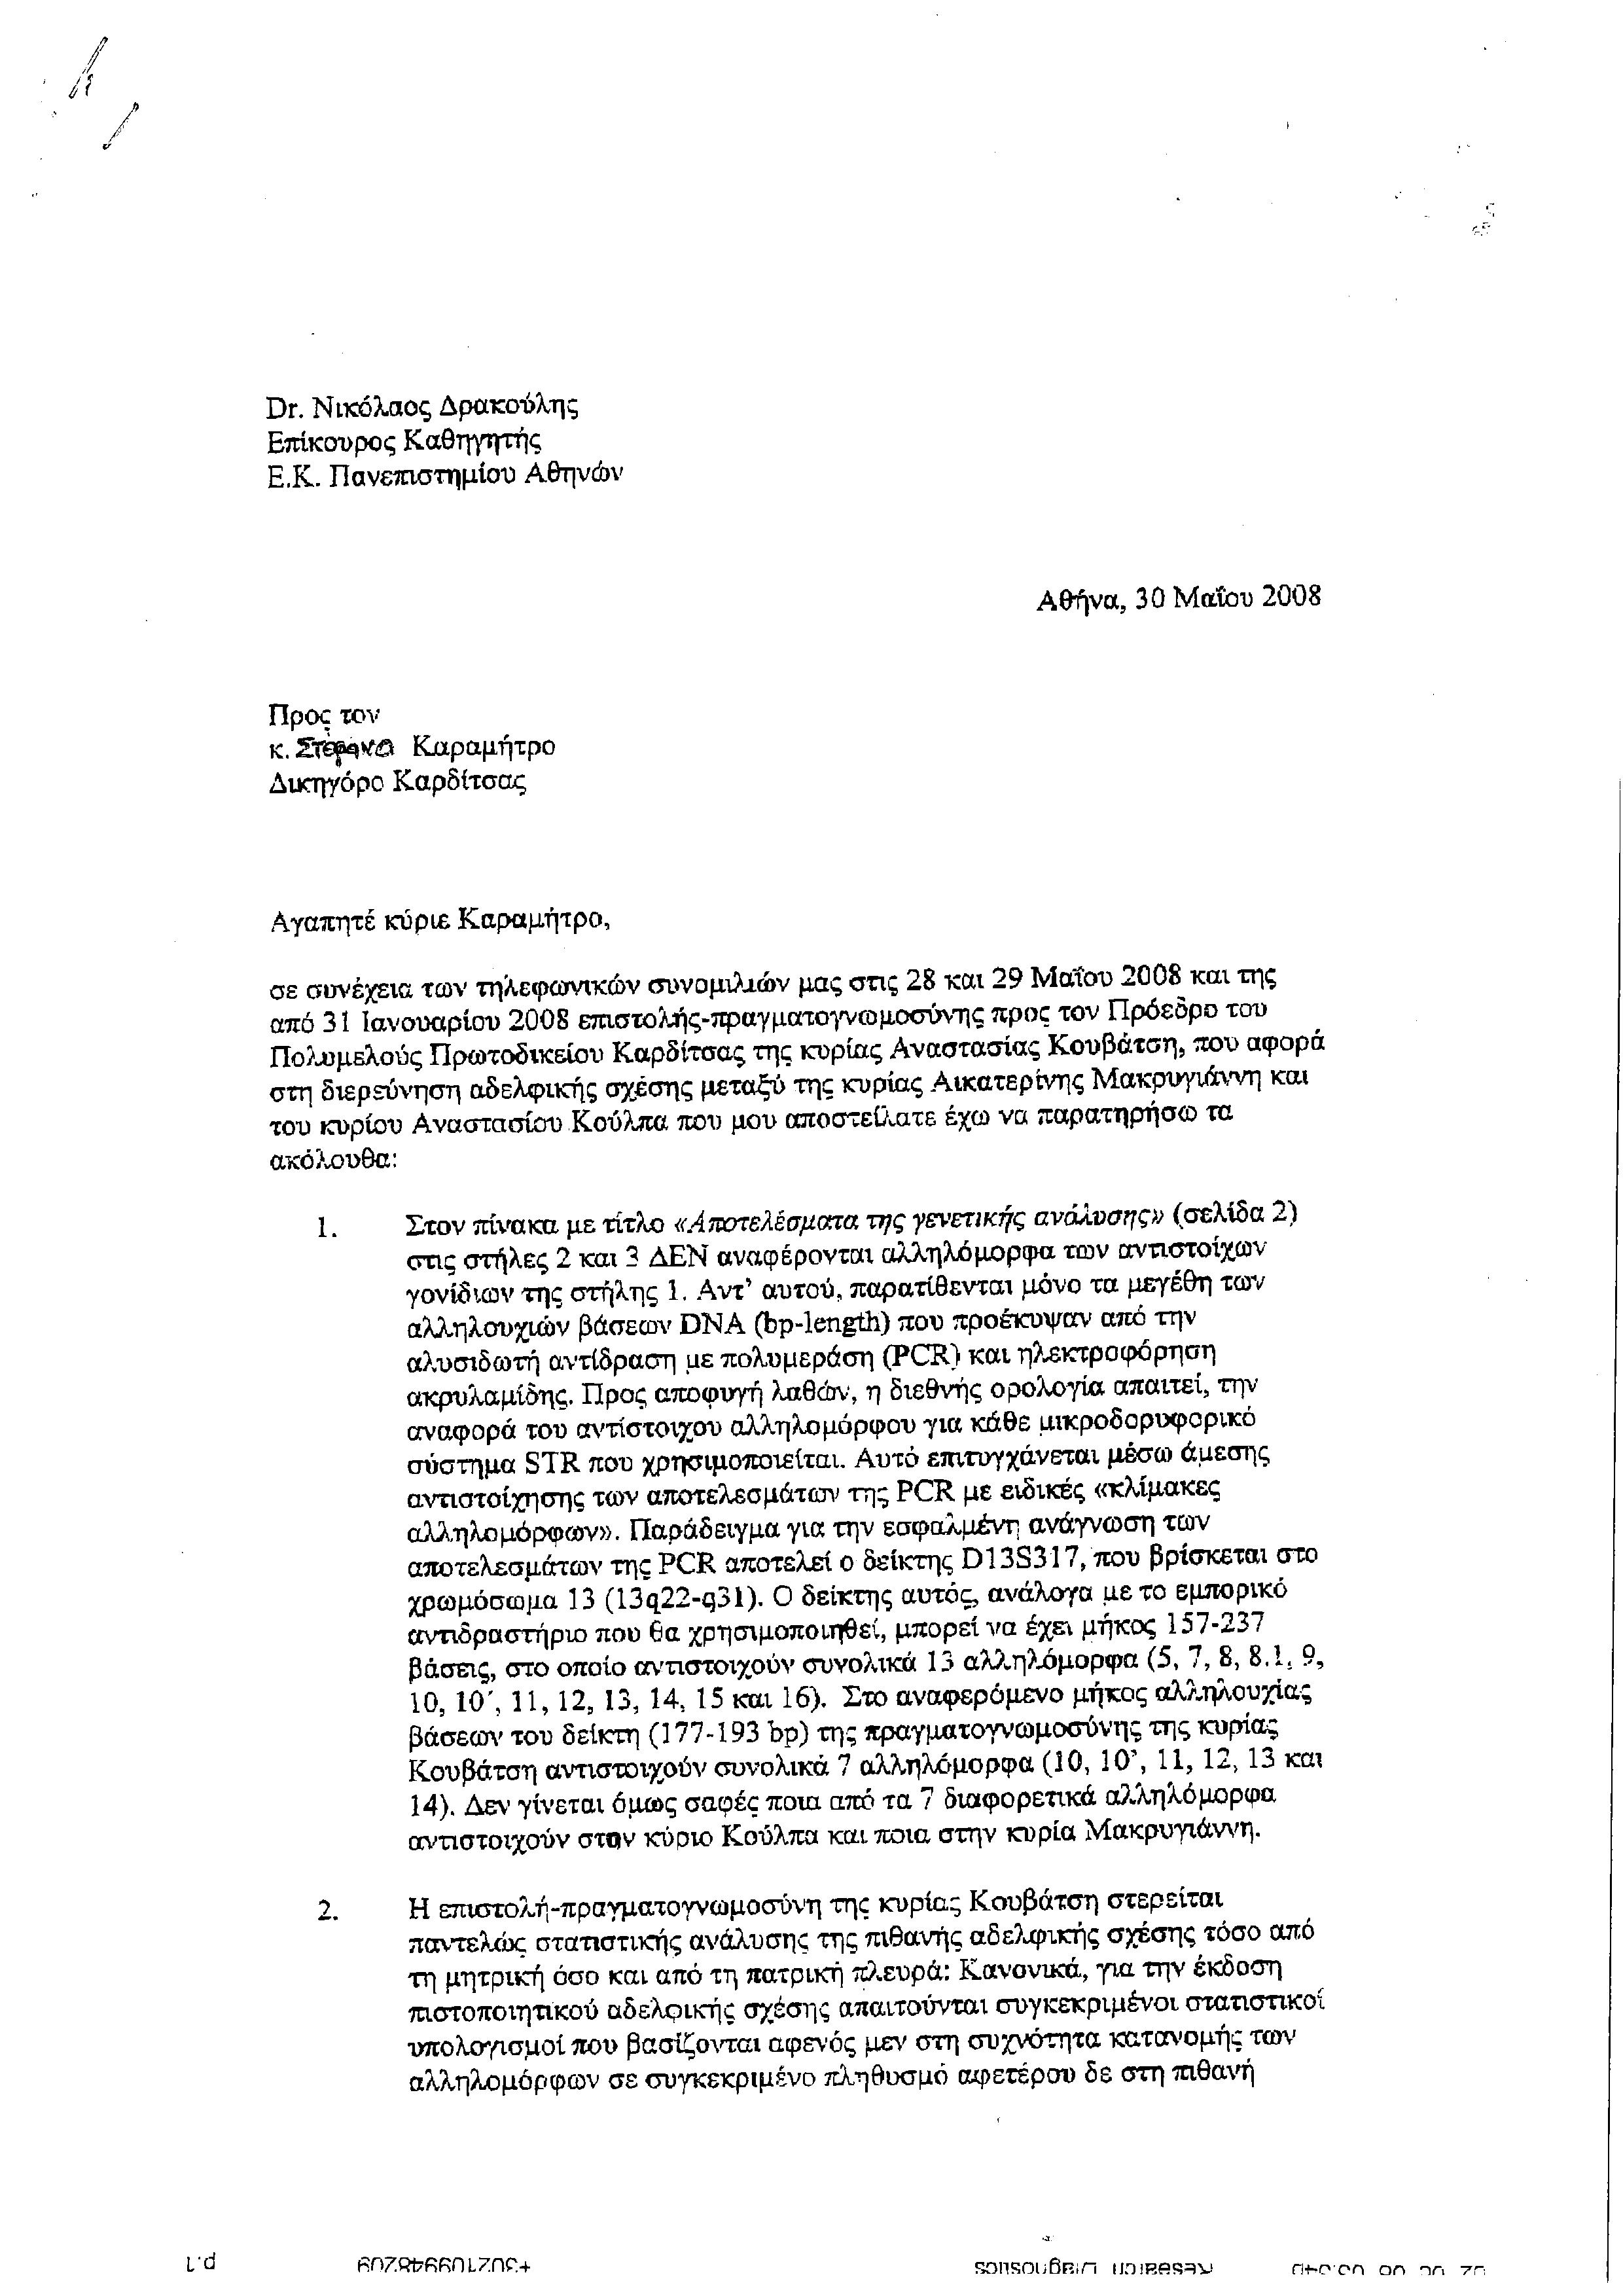 0002 Dr.N.Drakoulis_gia_kaKouvatsi01